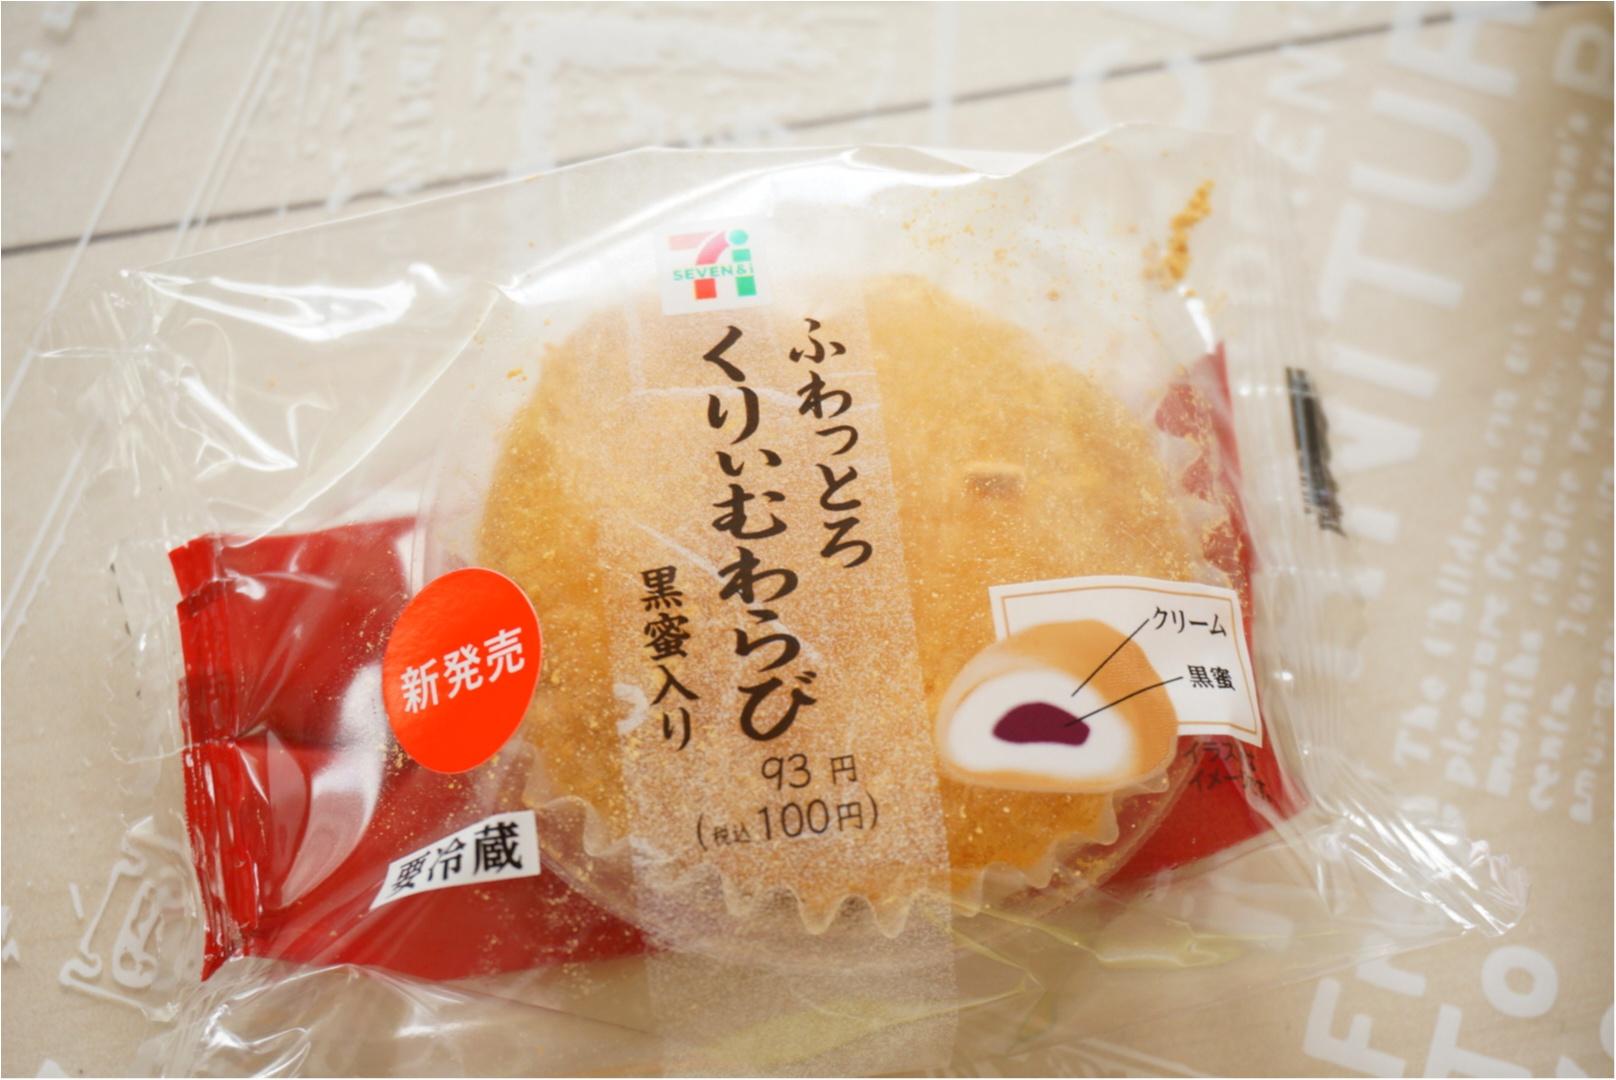 【セブンの新作!】和菓子とクリームどっちも好き❤️女子の夢を叶えたわらび餅!_1